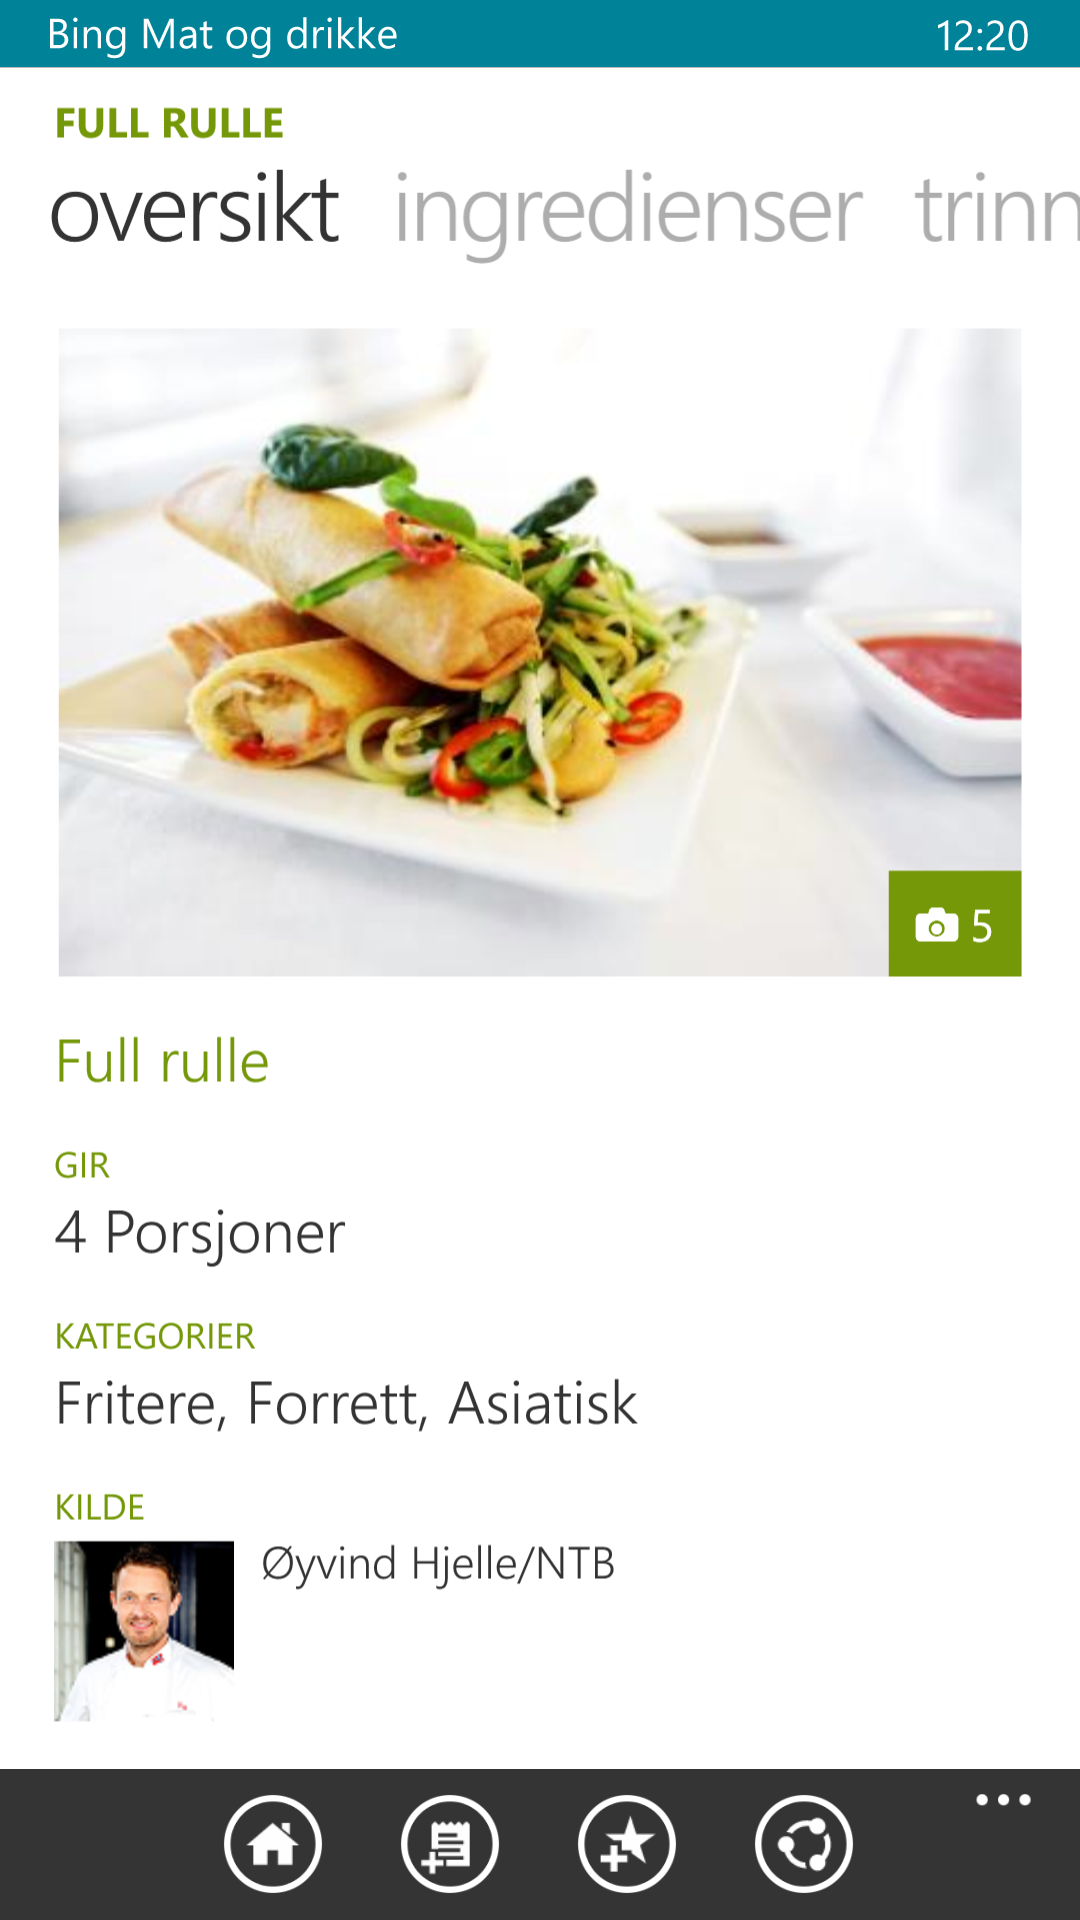 Bing Mat og drikke kan gi deg oppskrifter på mat og drinker. Den fungerer også som handleliste.Foto: Finn Jarle Kvalheim, Amobil.no